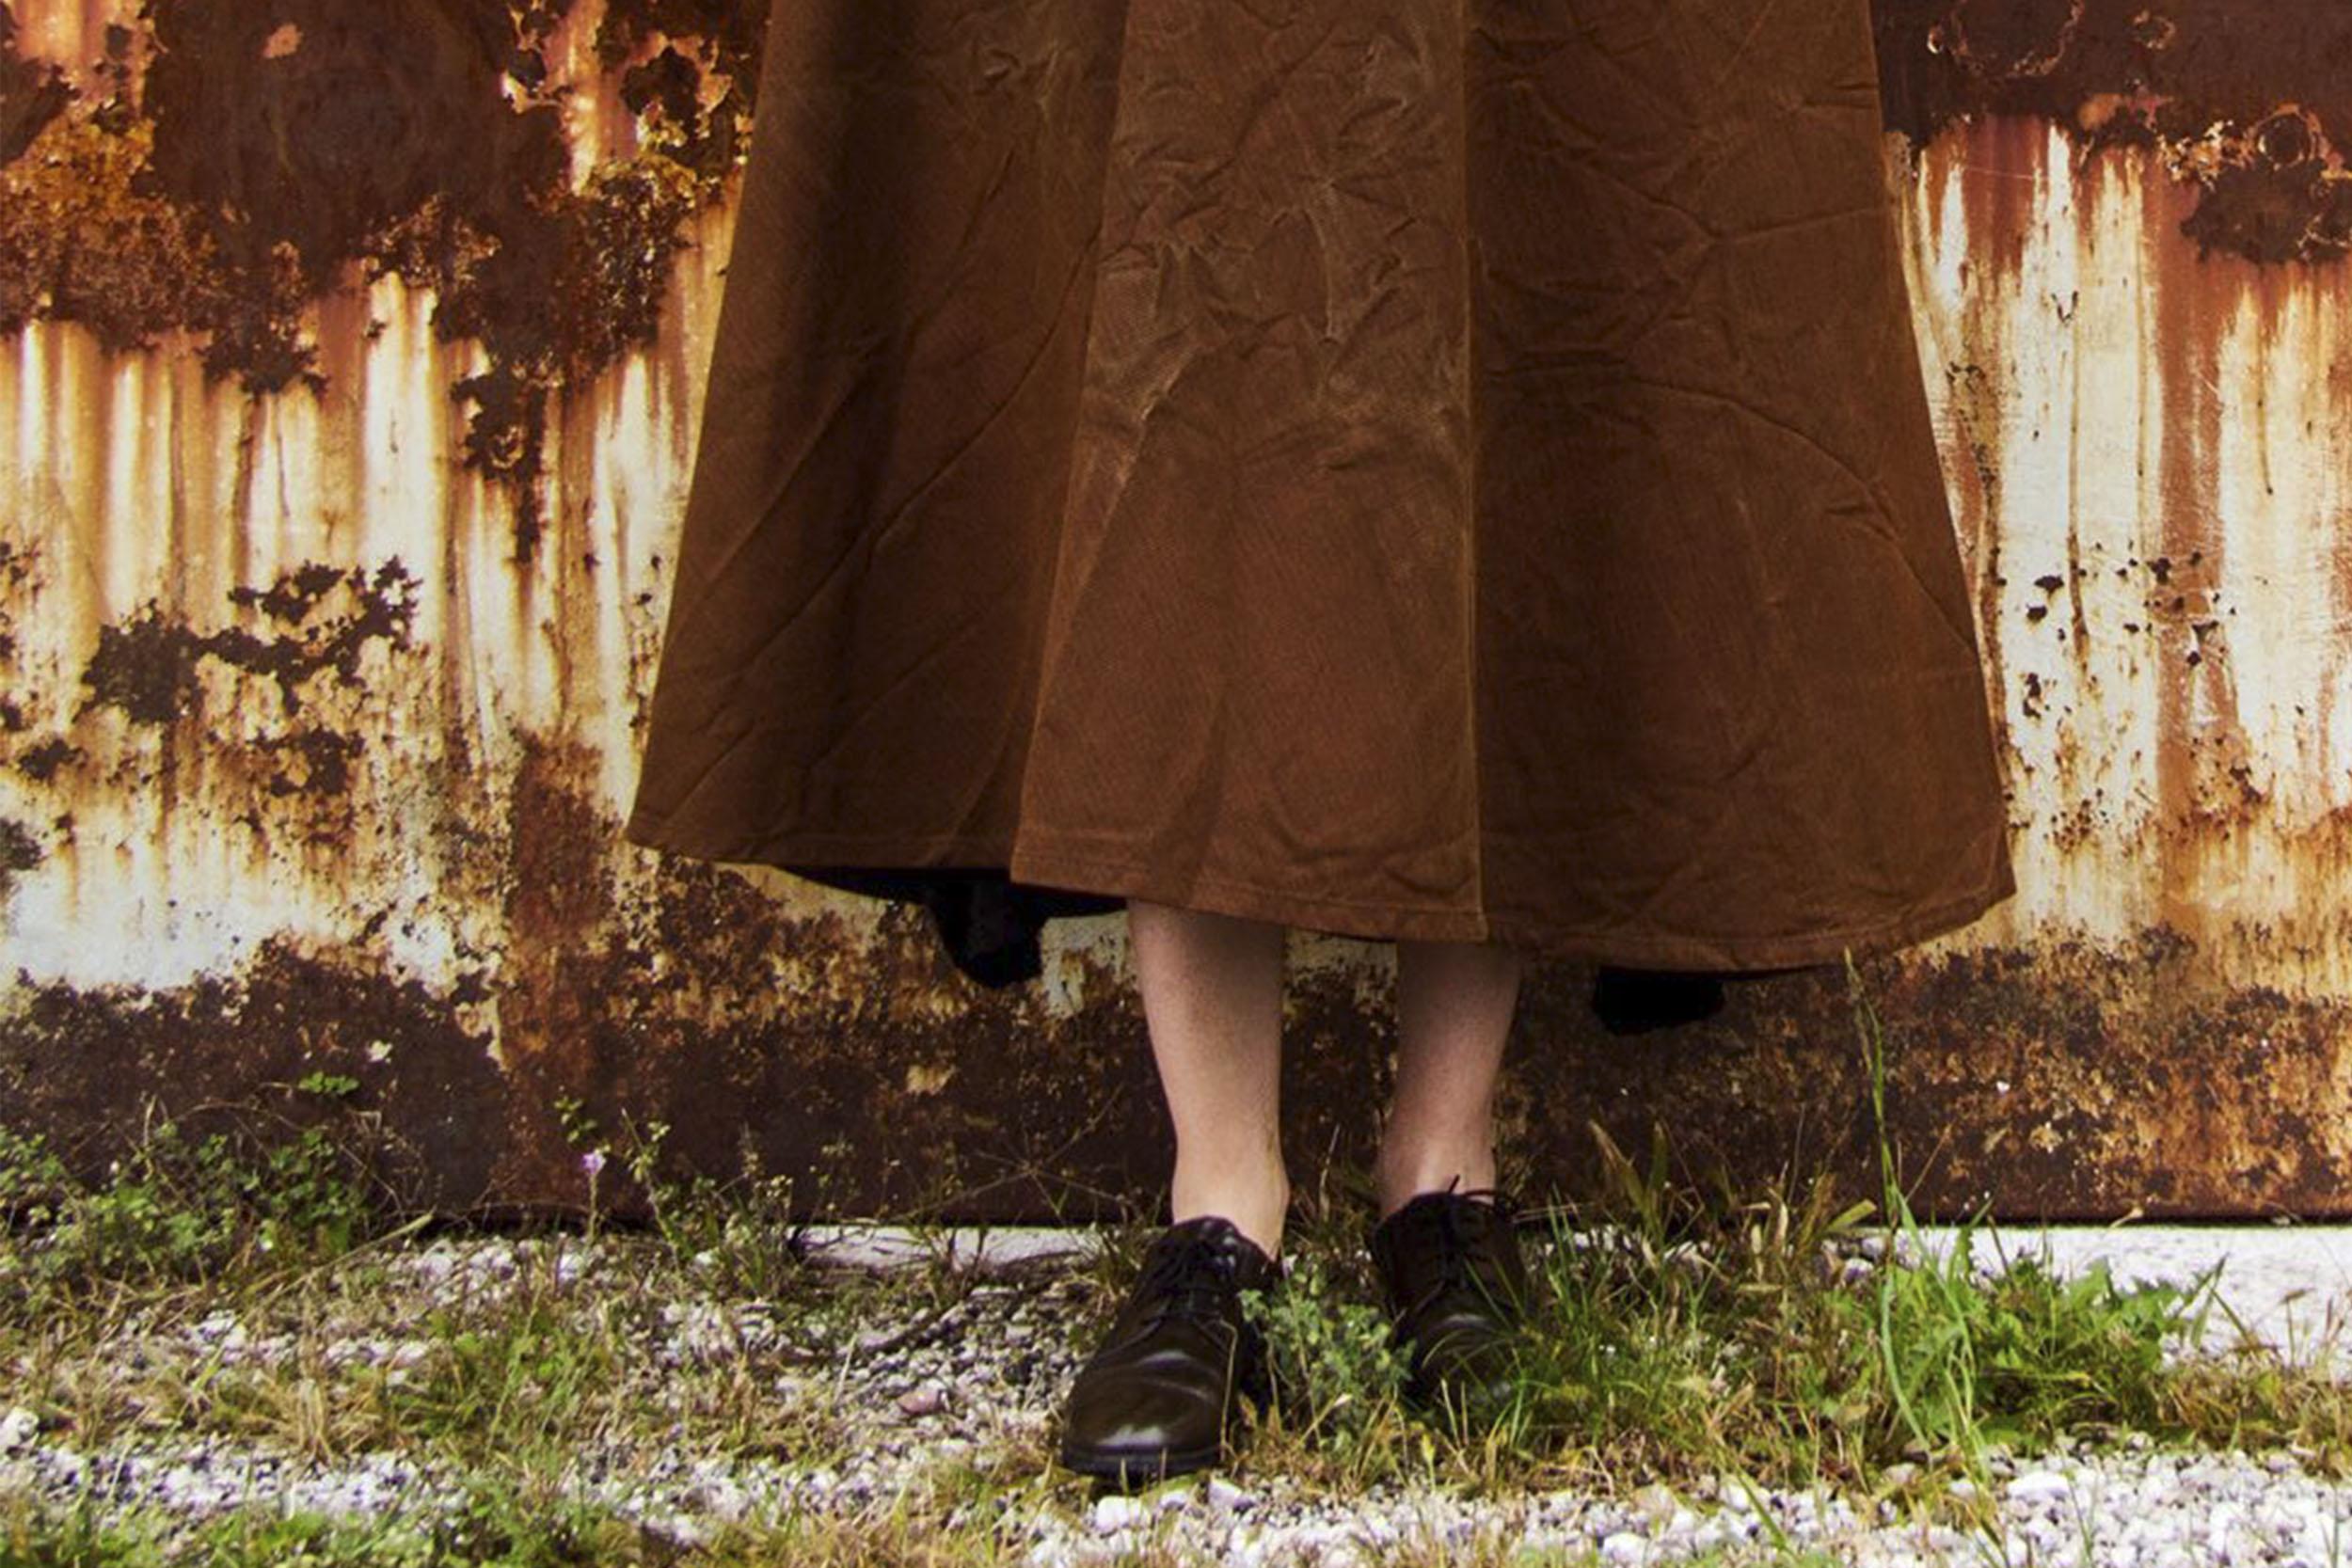 chiara_sonda_fashion_jeans_dress_1.jpg